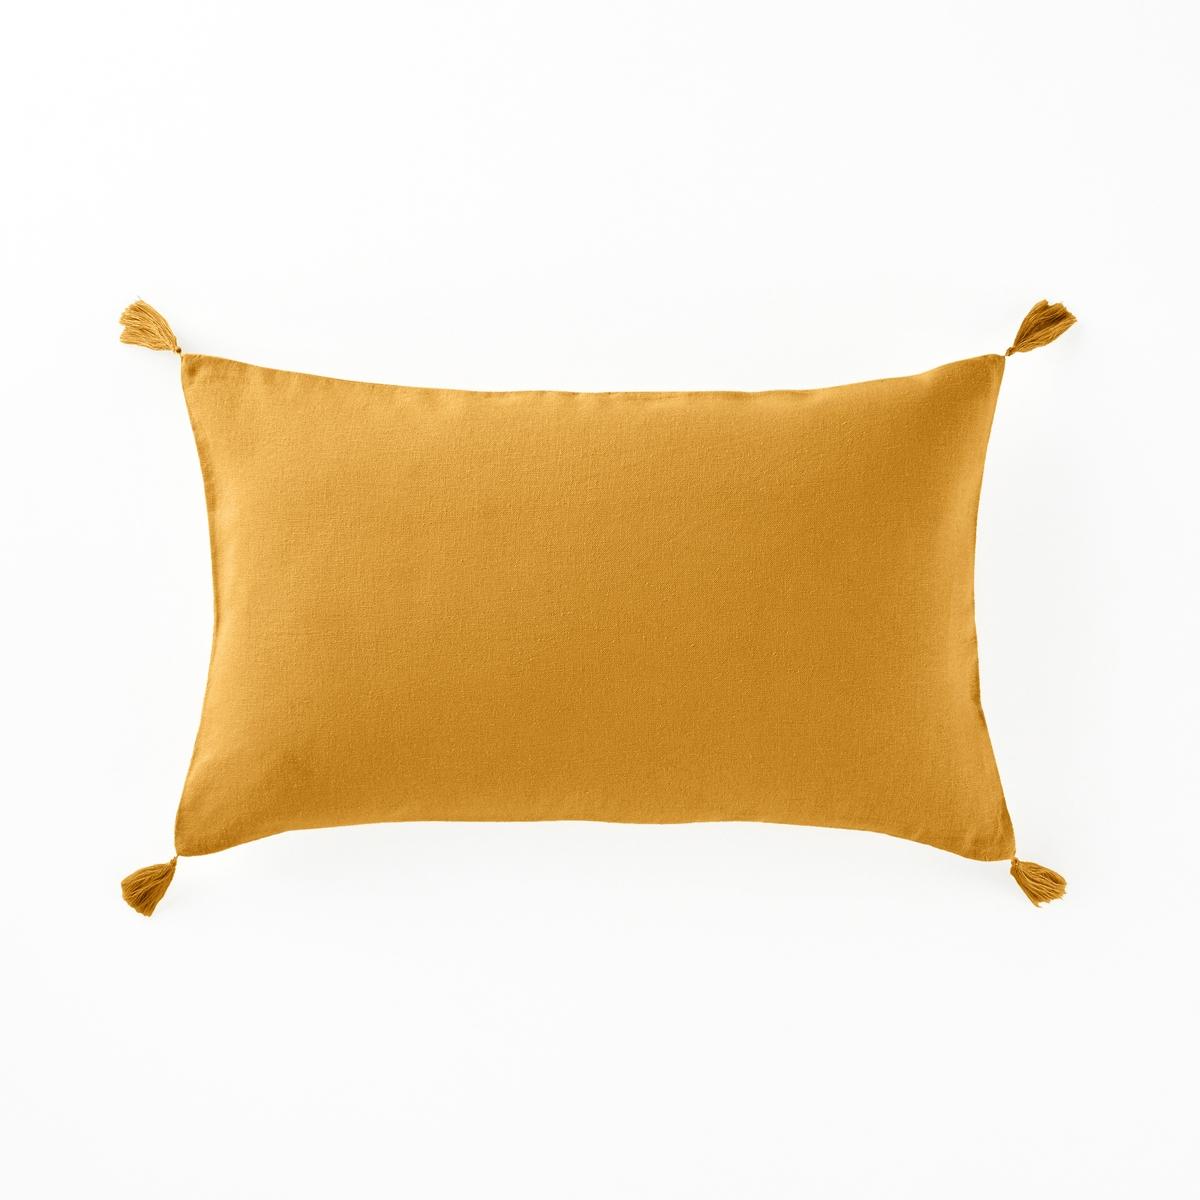 Наволочка на подушку-валик из льна и вискозы, Odorie